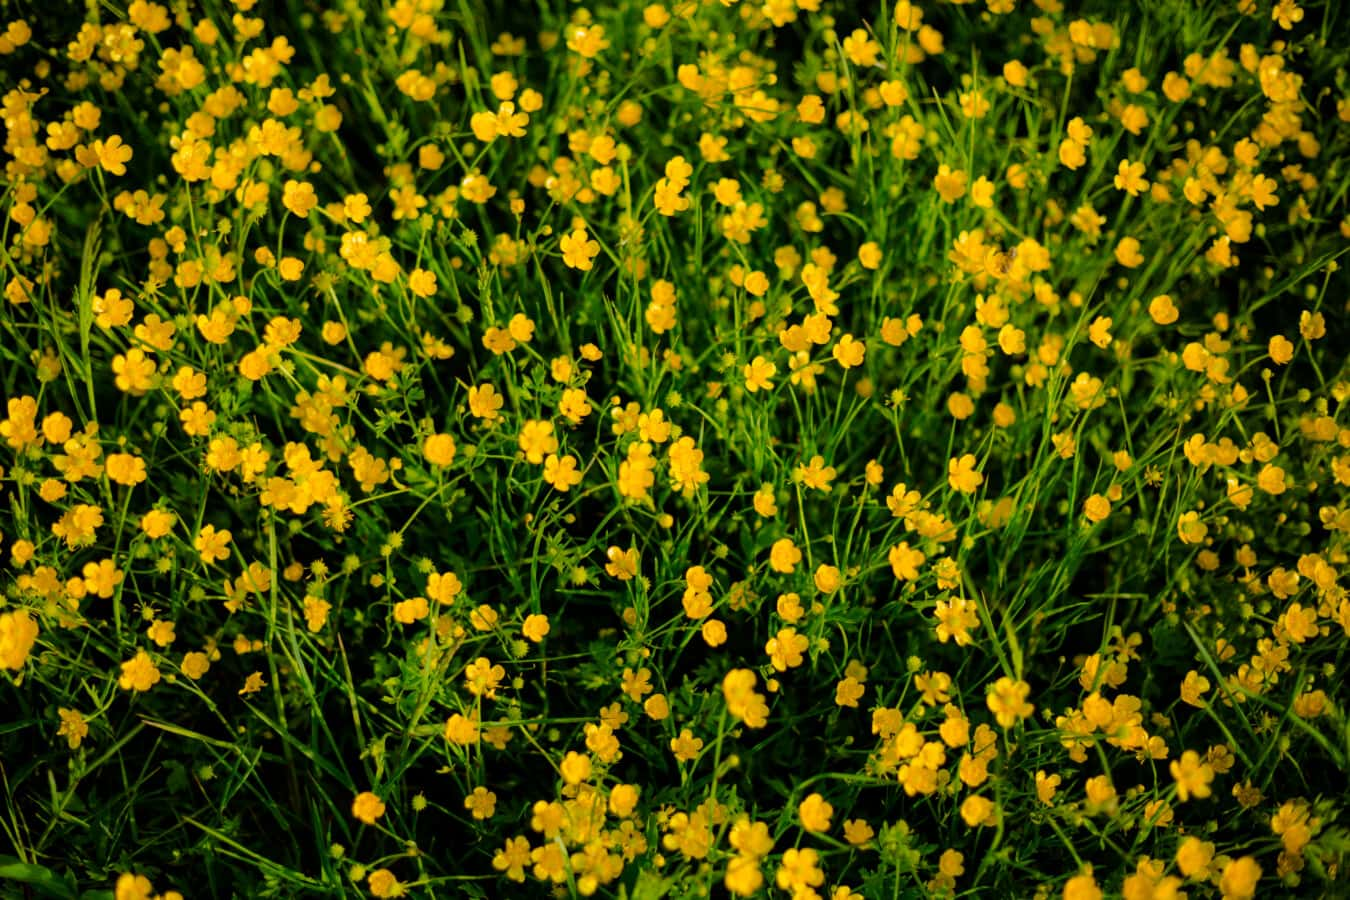 Ranunculus repens, fleurs sauvages, herbe, été, printemps, flore, nature, herbe, Jaune, plante